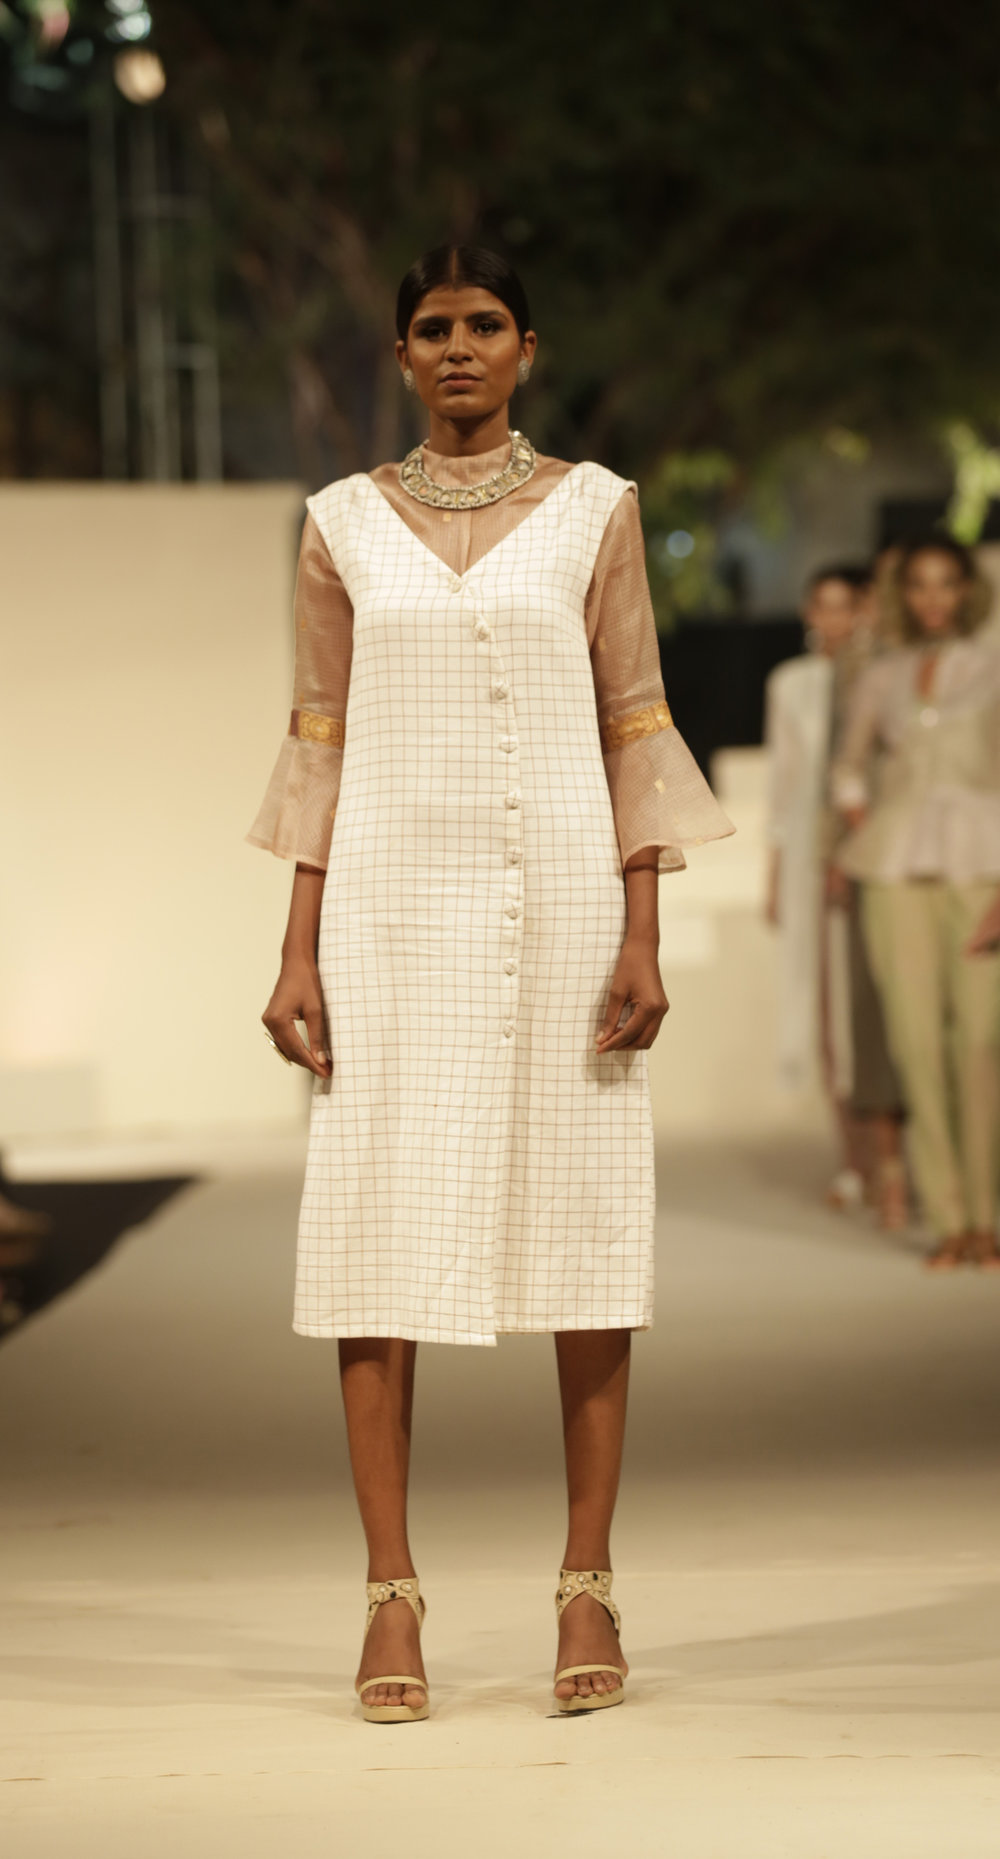 RH0501 Top   RH0502 Dress